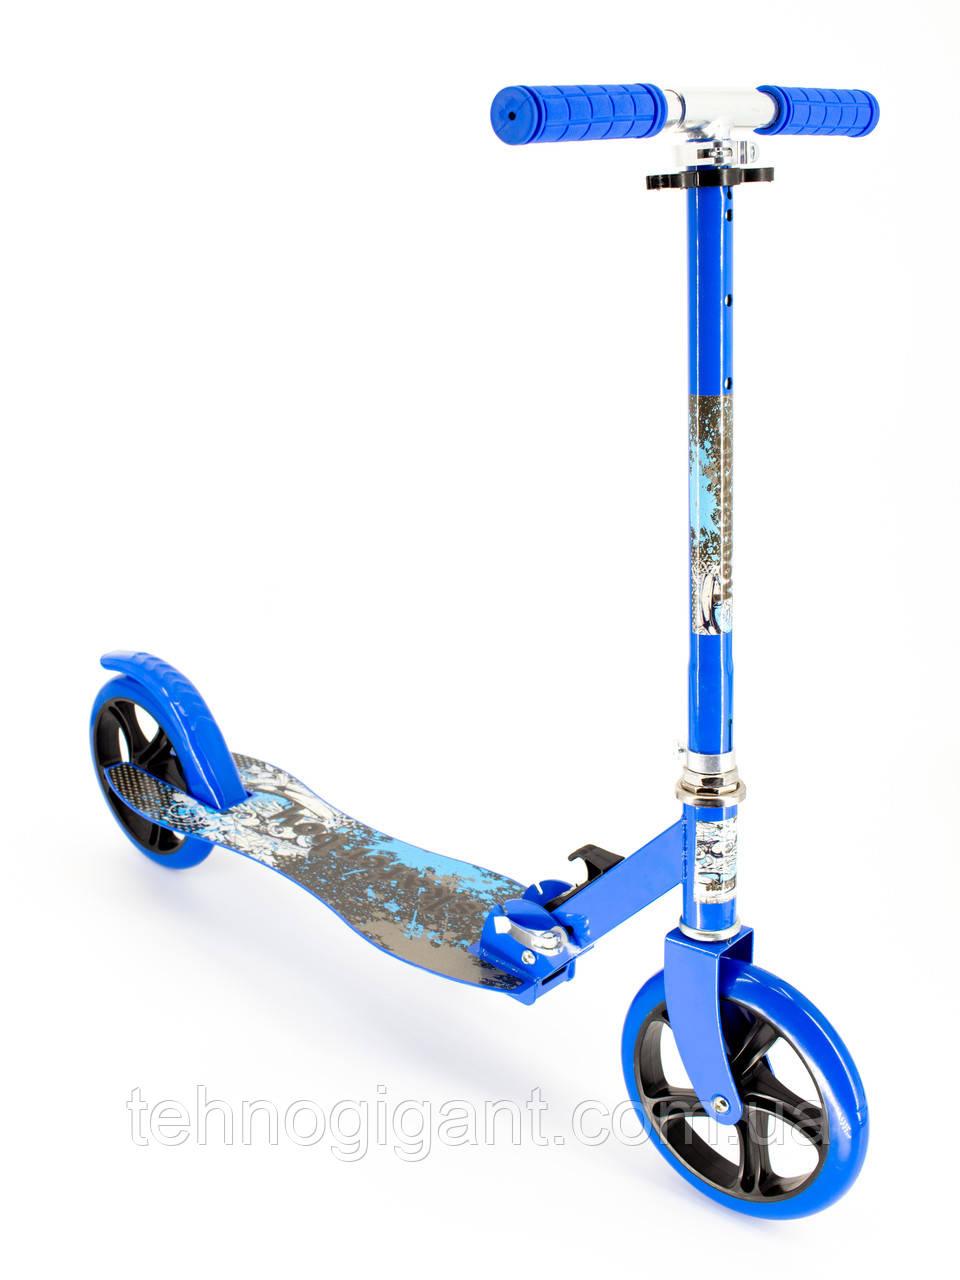 Самокат детский двухколесный, складной Scooter Select Style 016, городской, большие колеса, Синий